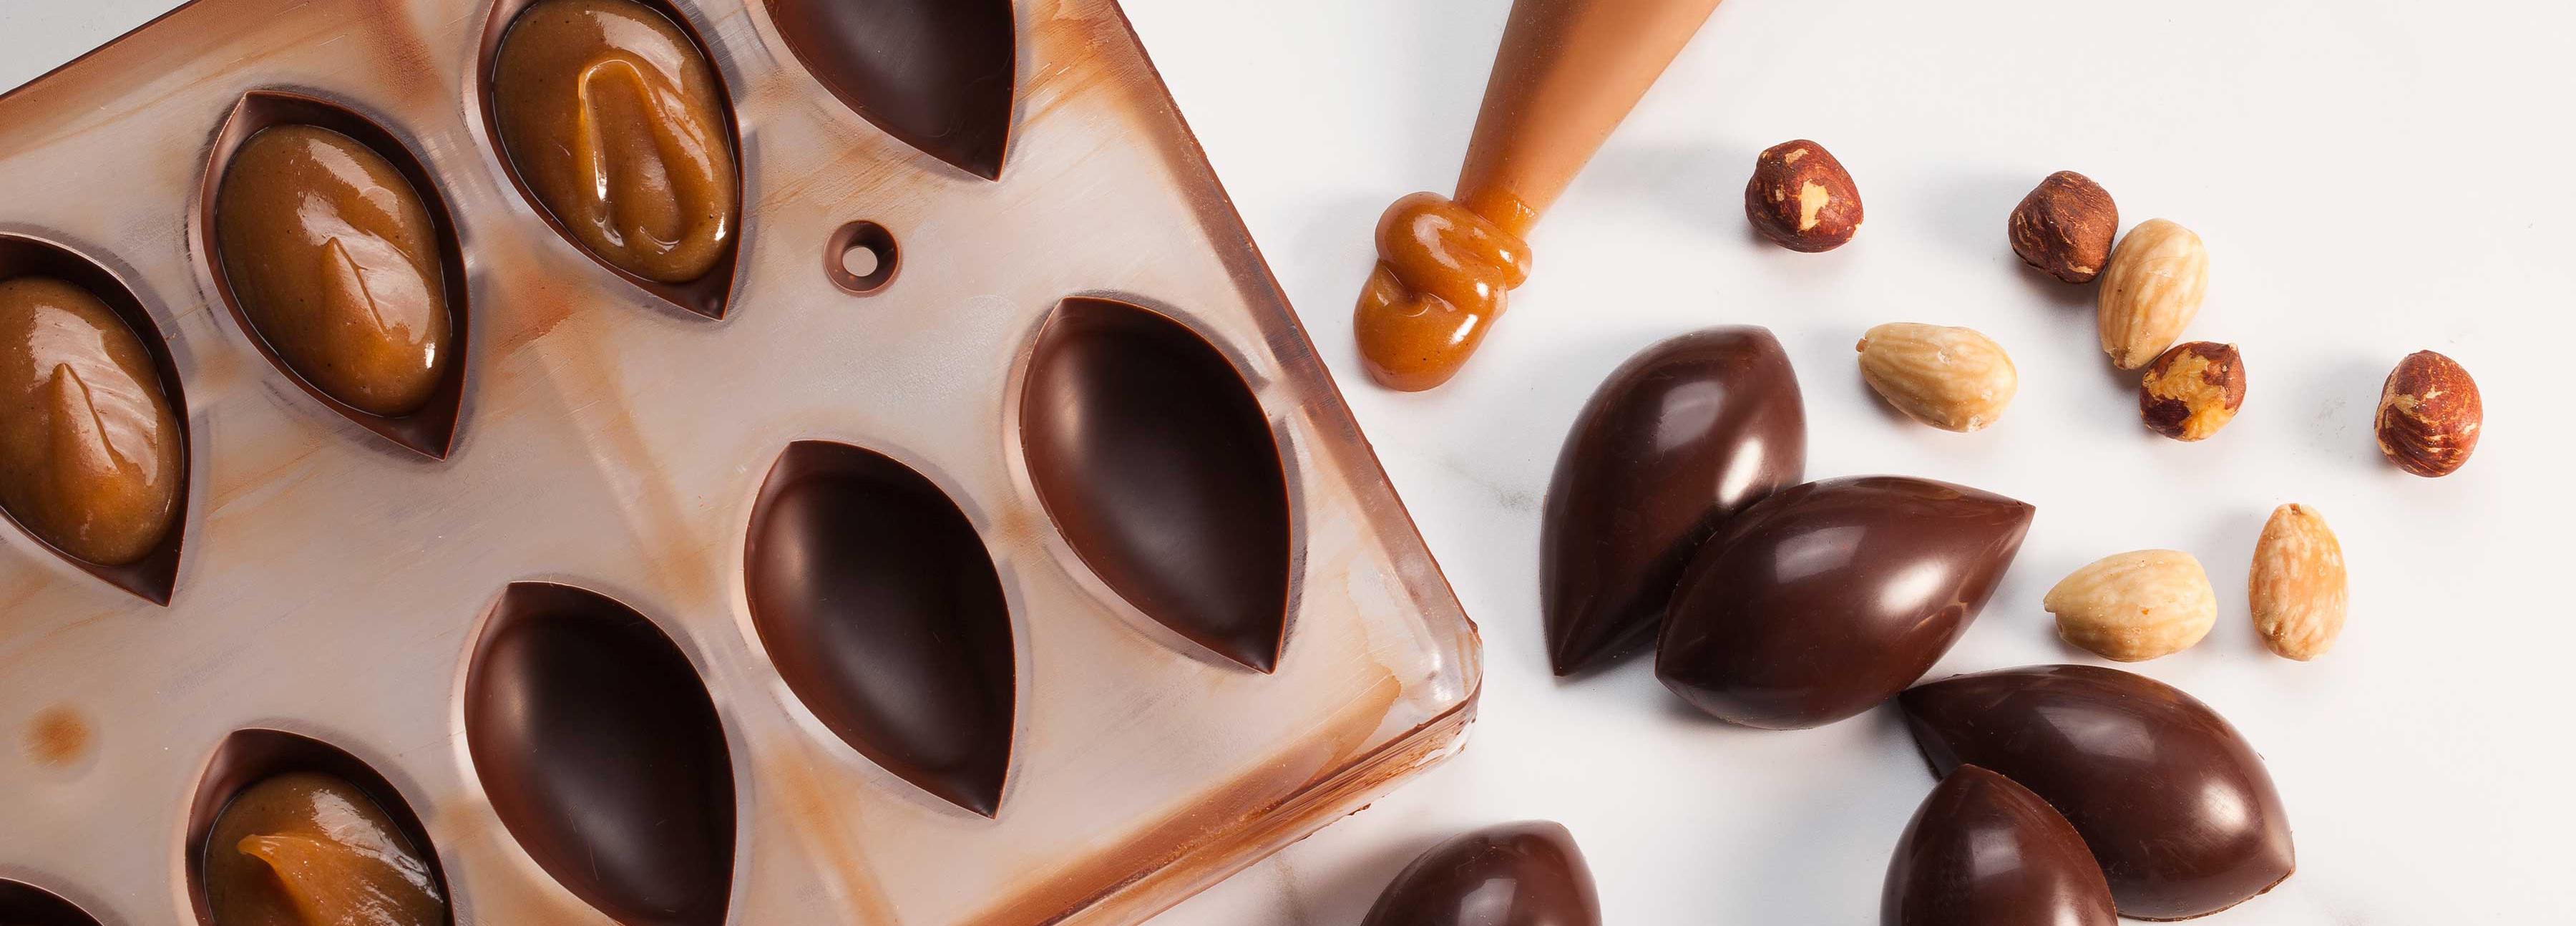 Praliné aux amandes pour bonbons moulés